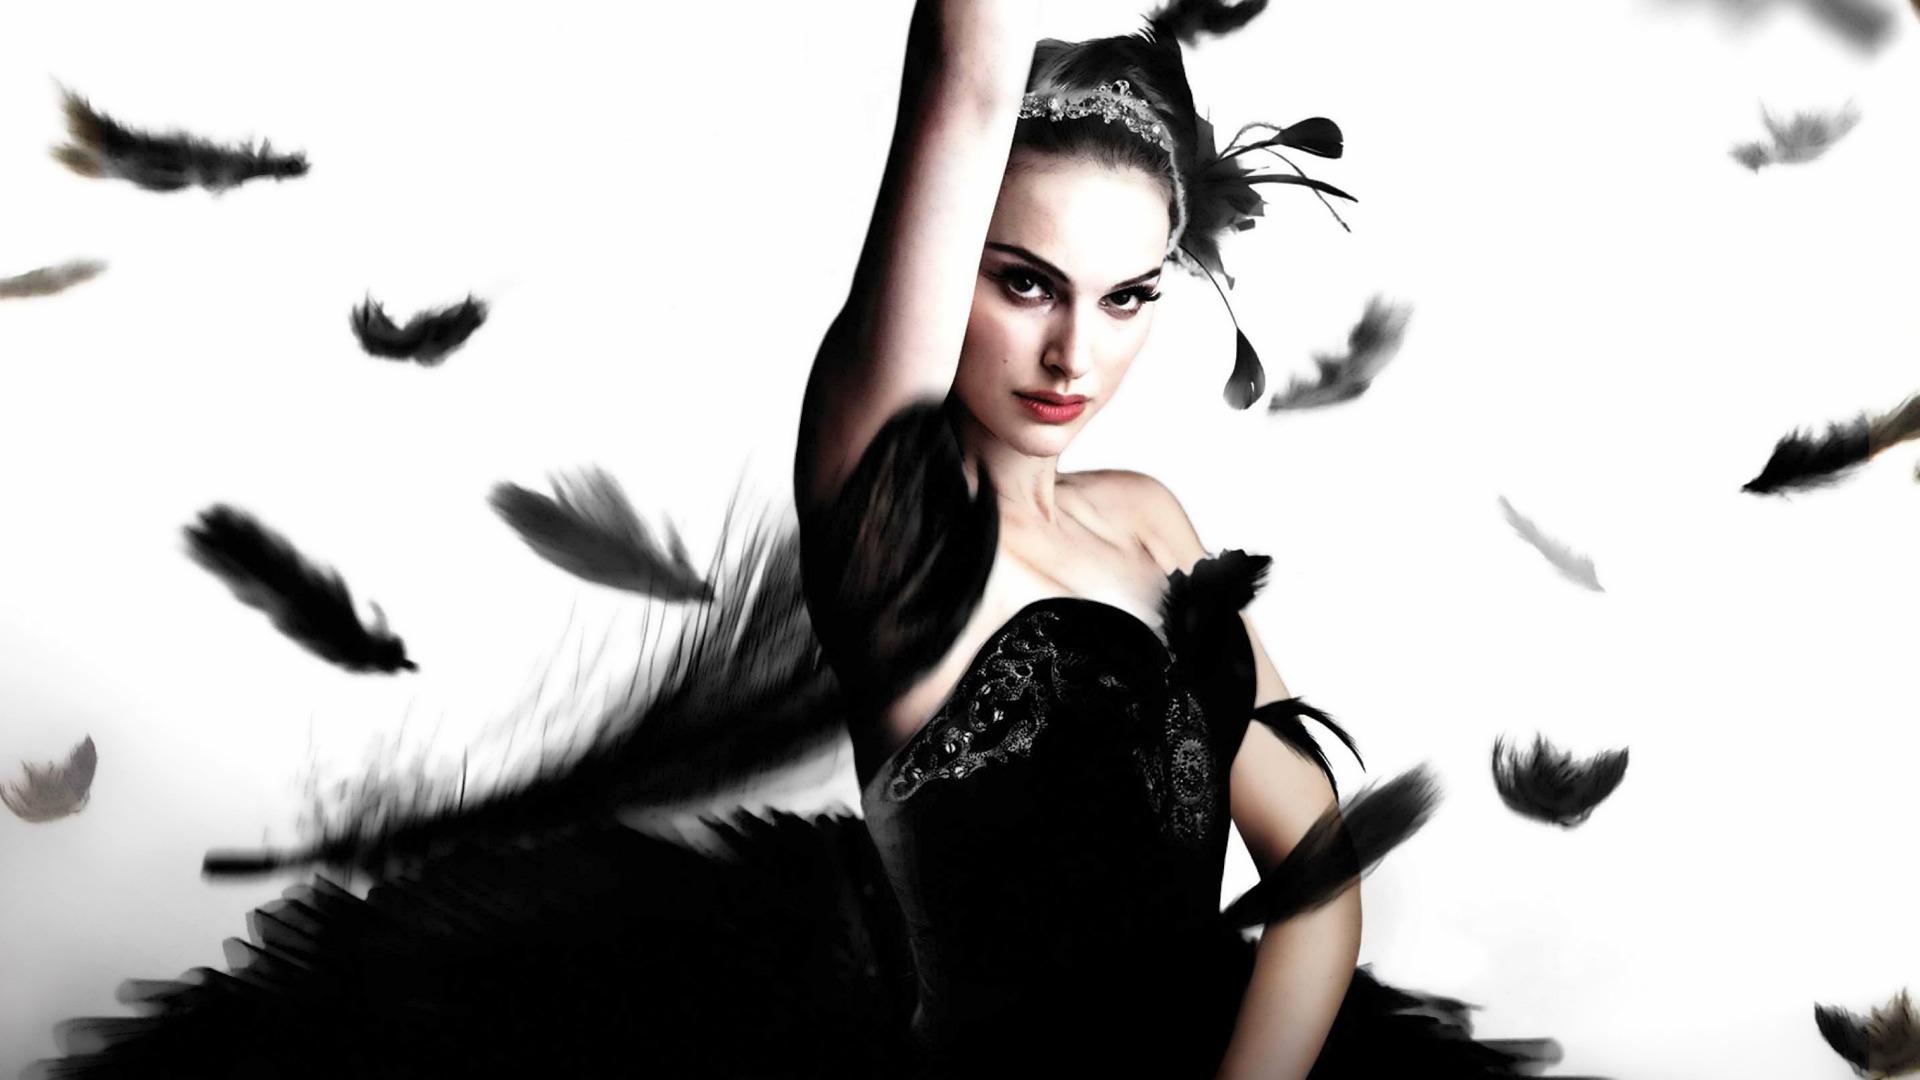 natalie_portman_in_black_swan-hd.jpg